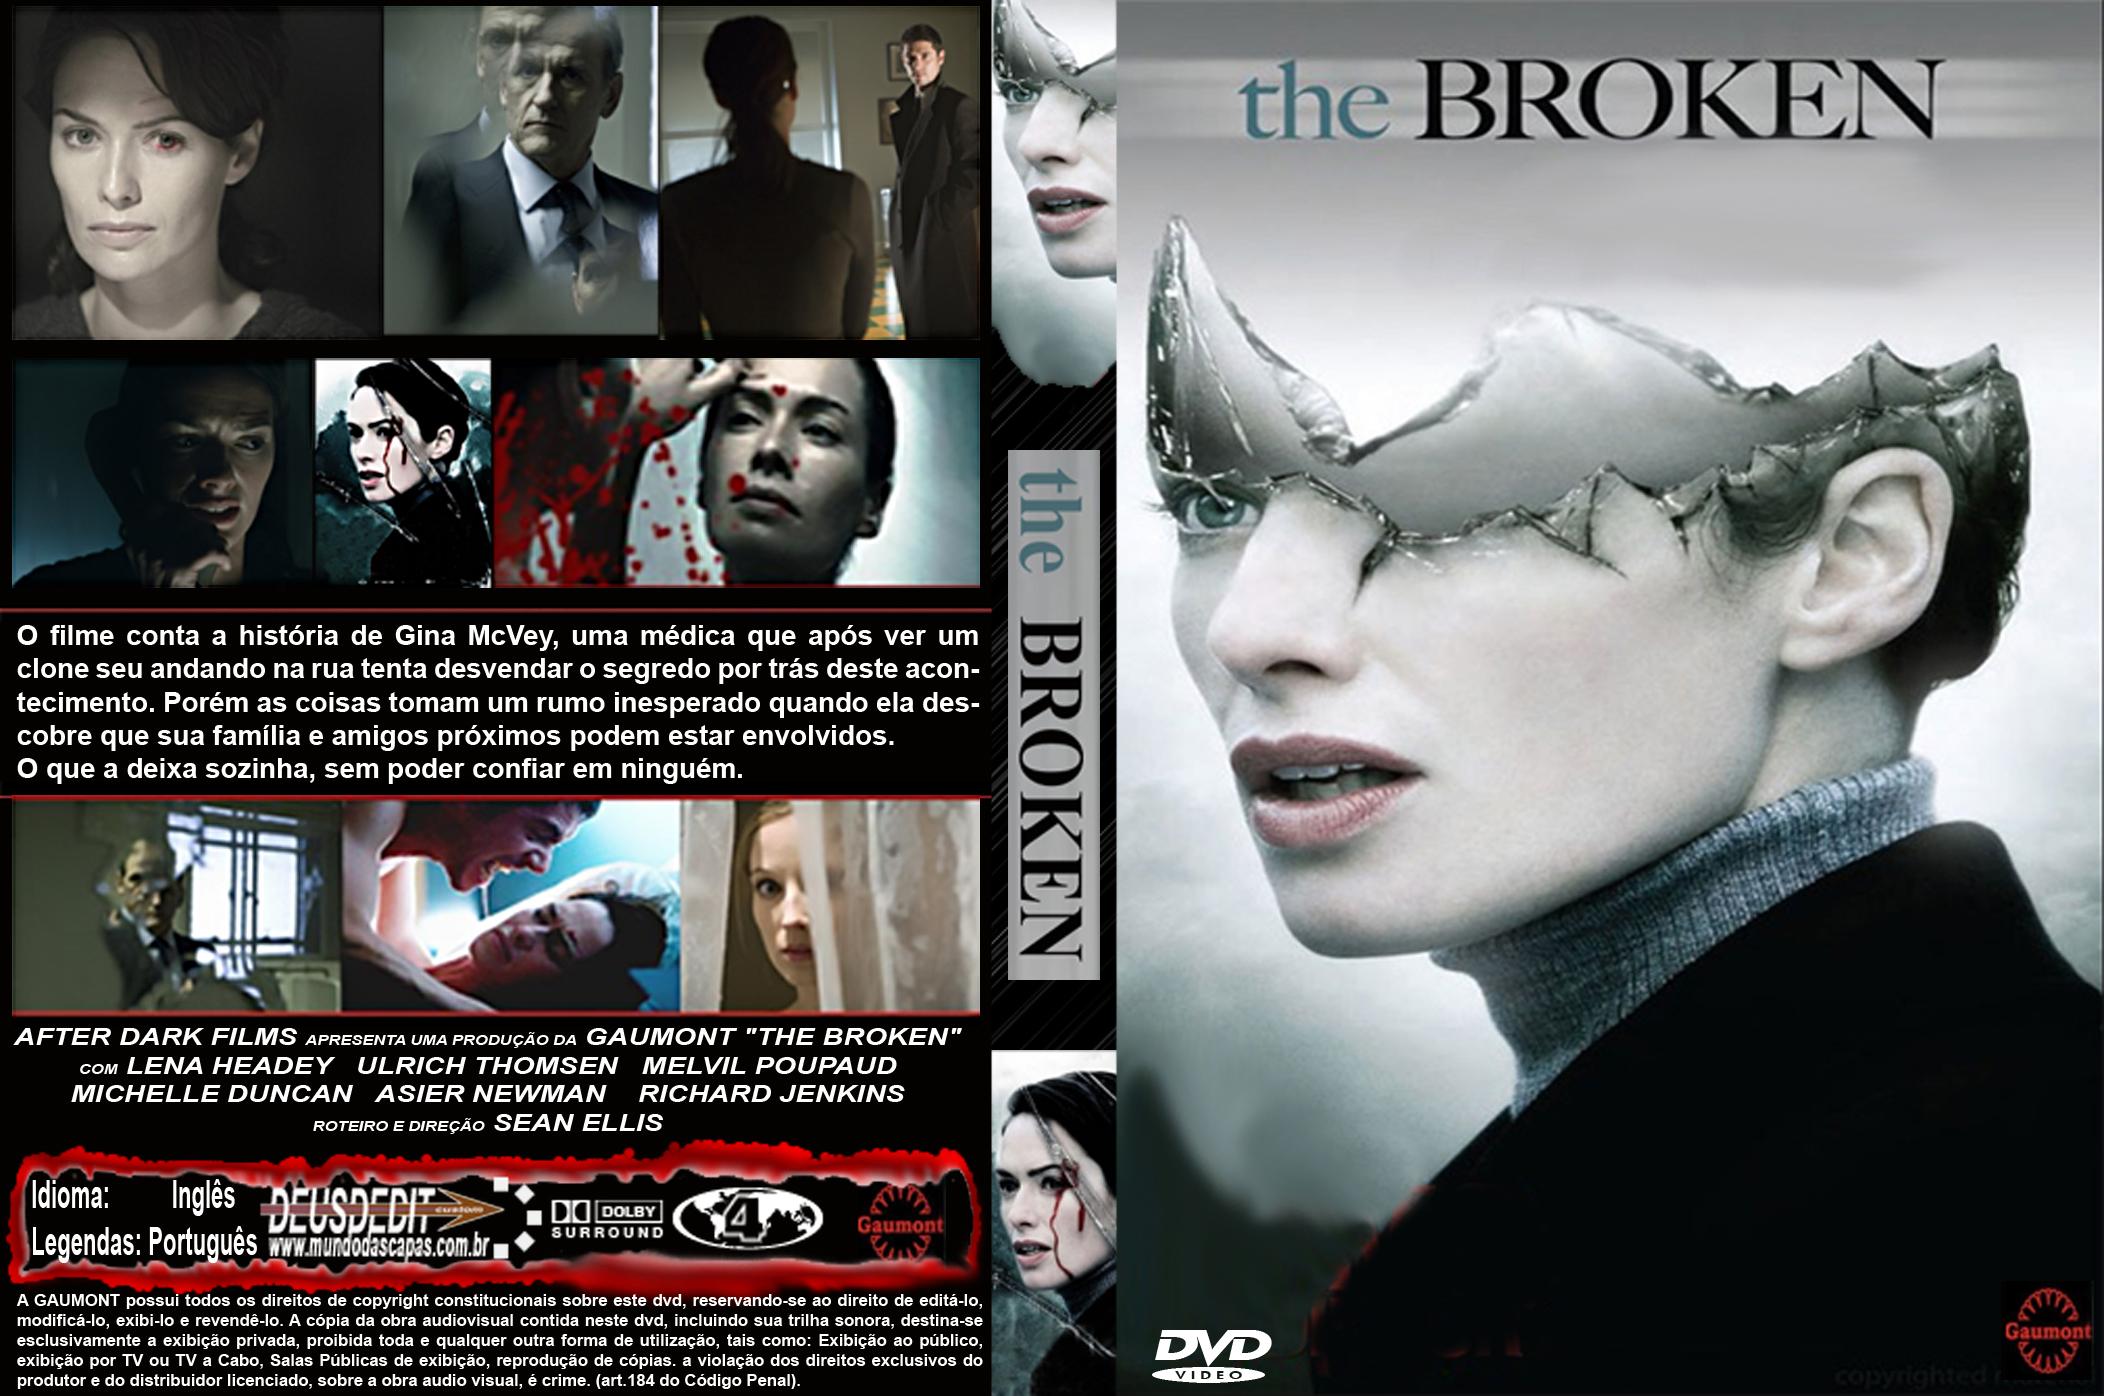 TheBroken